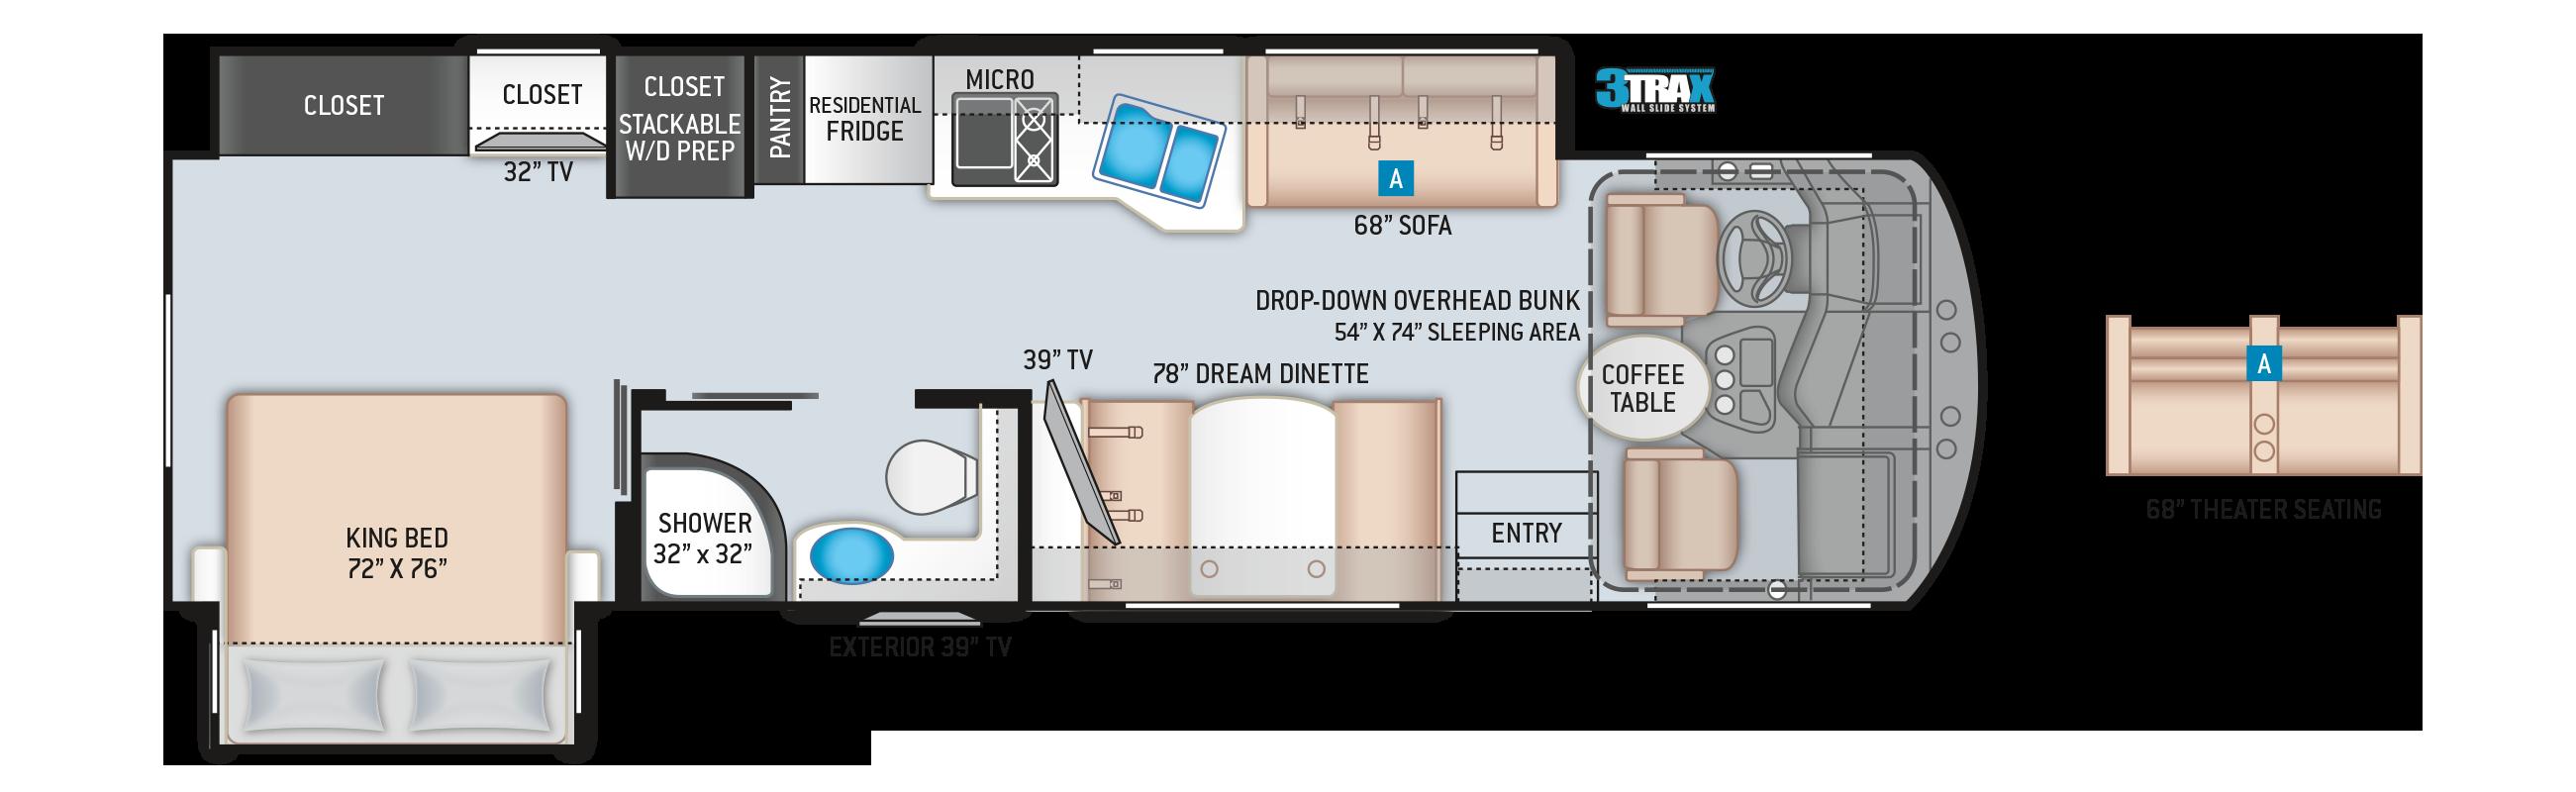 Miramar Class A RV Floor Plan 32.2